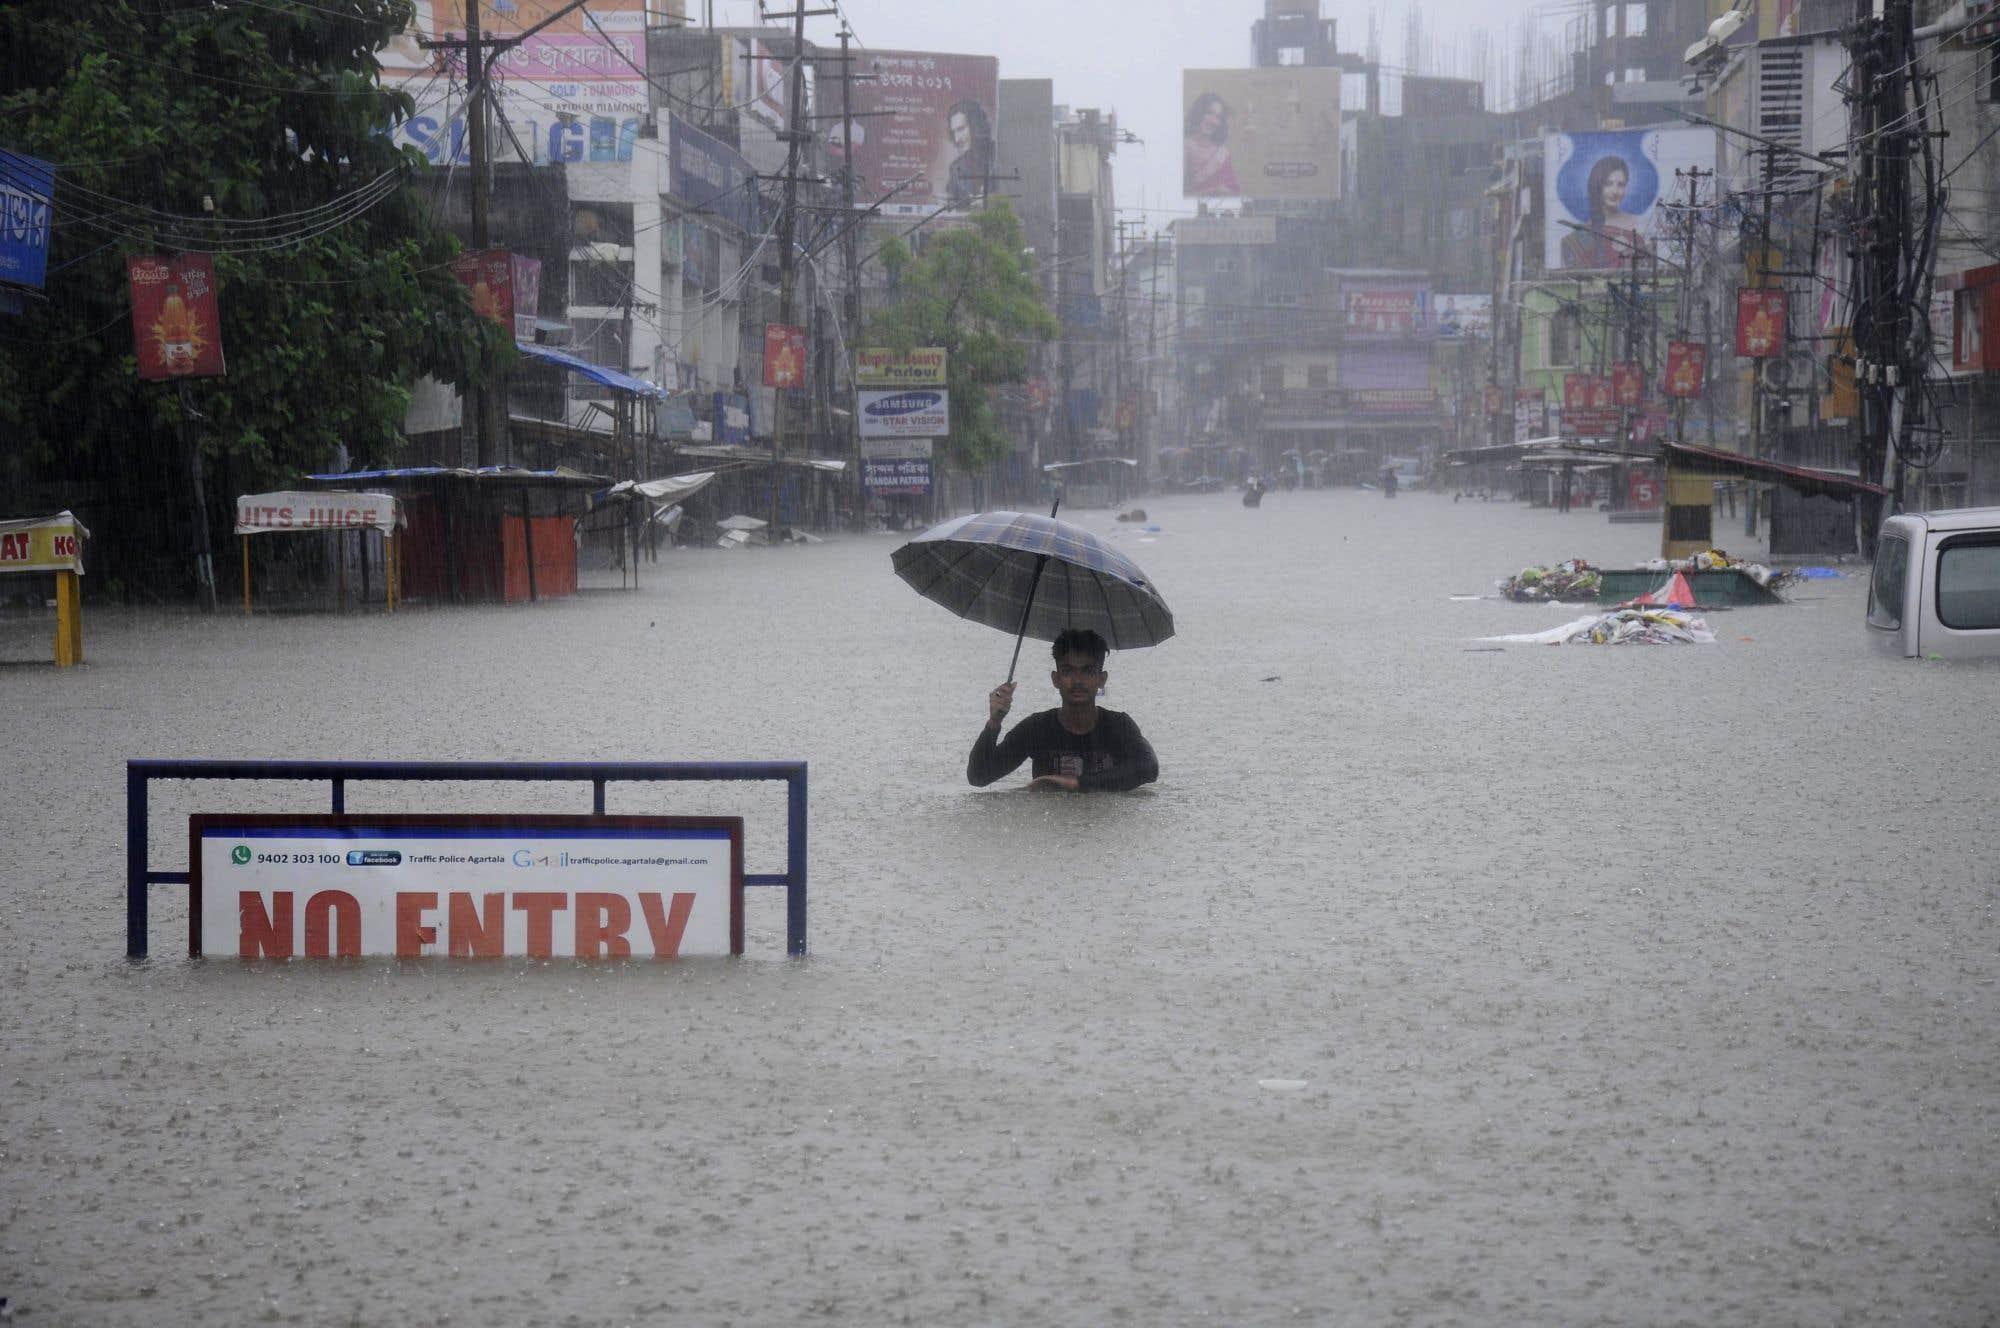 Inondations à Agartala, capitale de la province au nord-est de l'Inde de Tripura. Un homme marche le long d'une rue alors qu'une forte pluie s'abat sur la région.